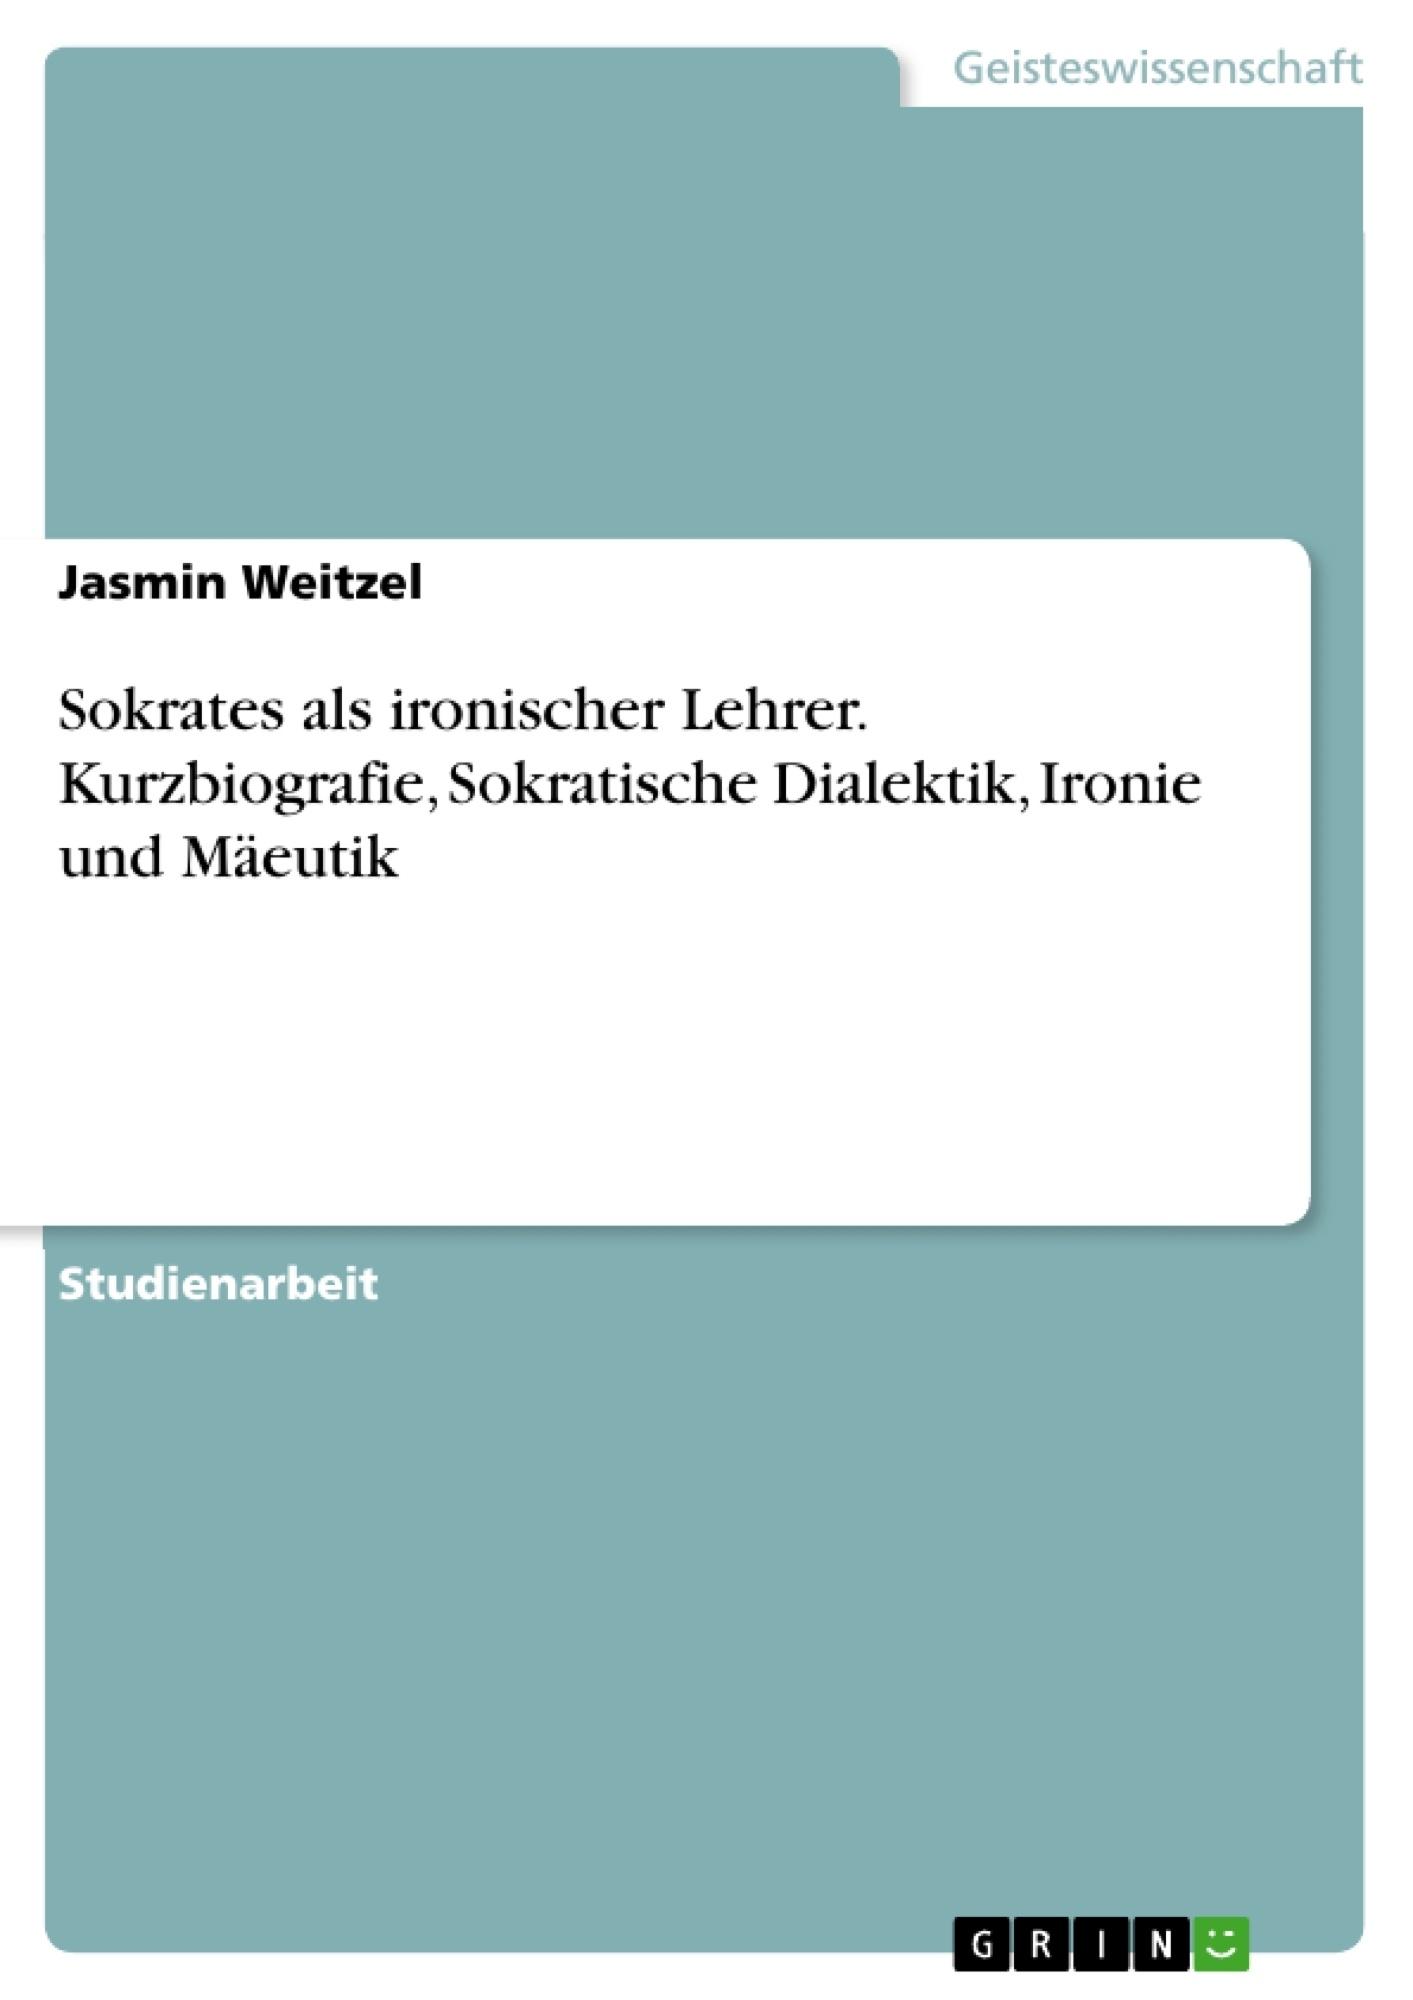 Titel: Sokrates als ironischer Lehrer. Kurzbiografie, Sokratische Dialektik, Ironie und Mäeutik